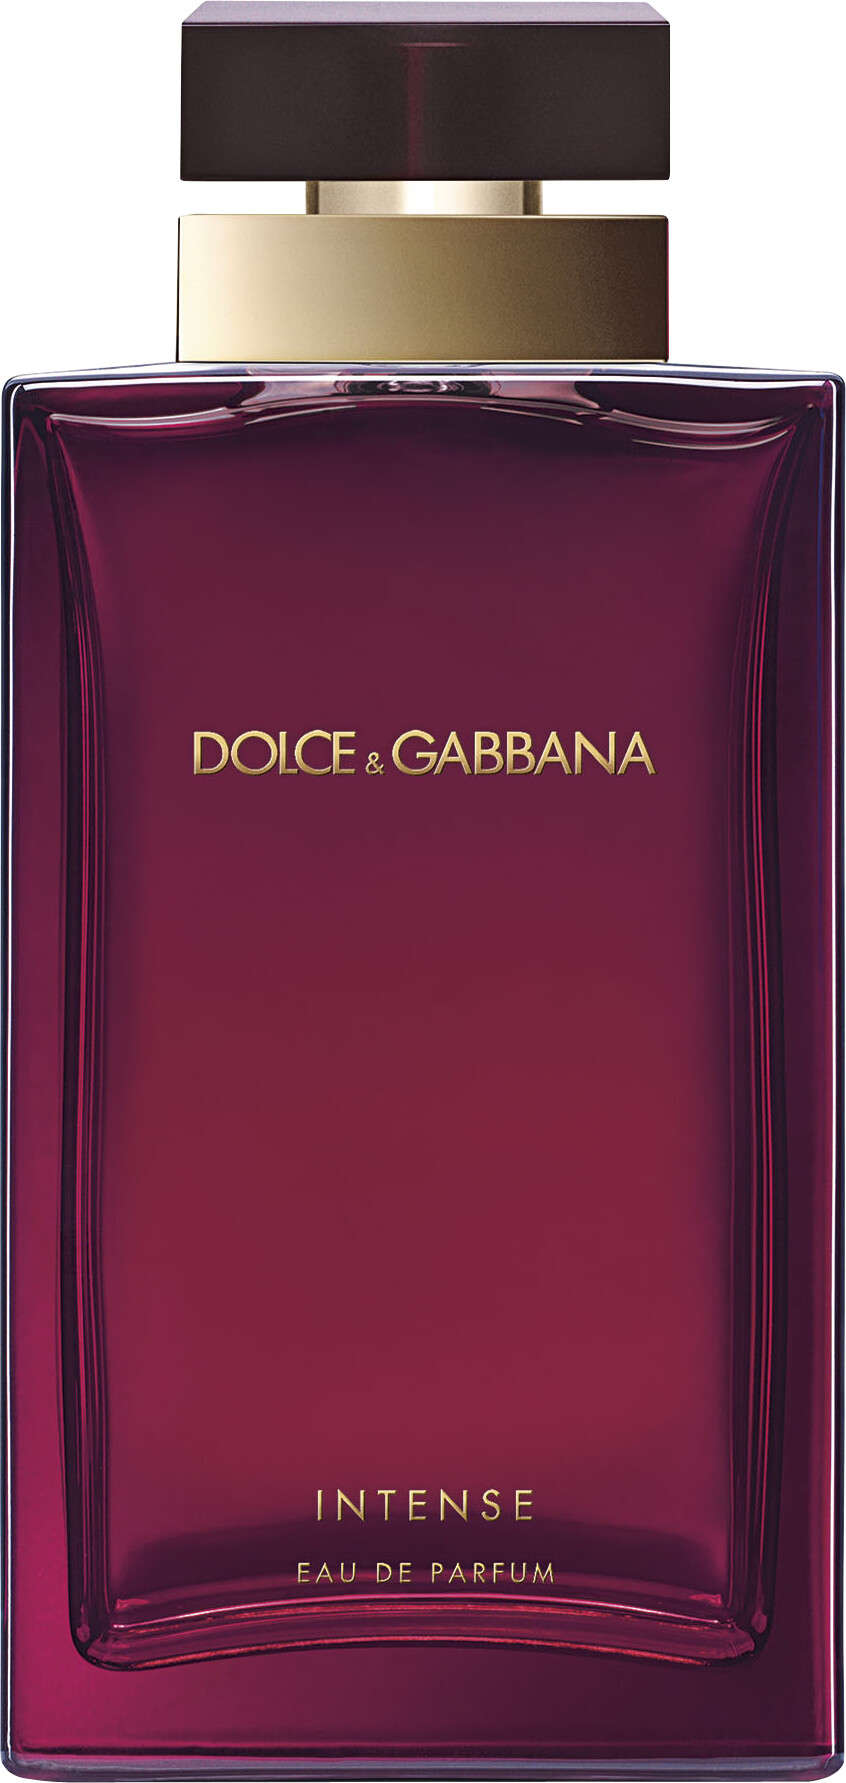 ... Dolce & Gabbana Pour Femme Intense Eau de Parfum Spray 100ml